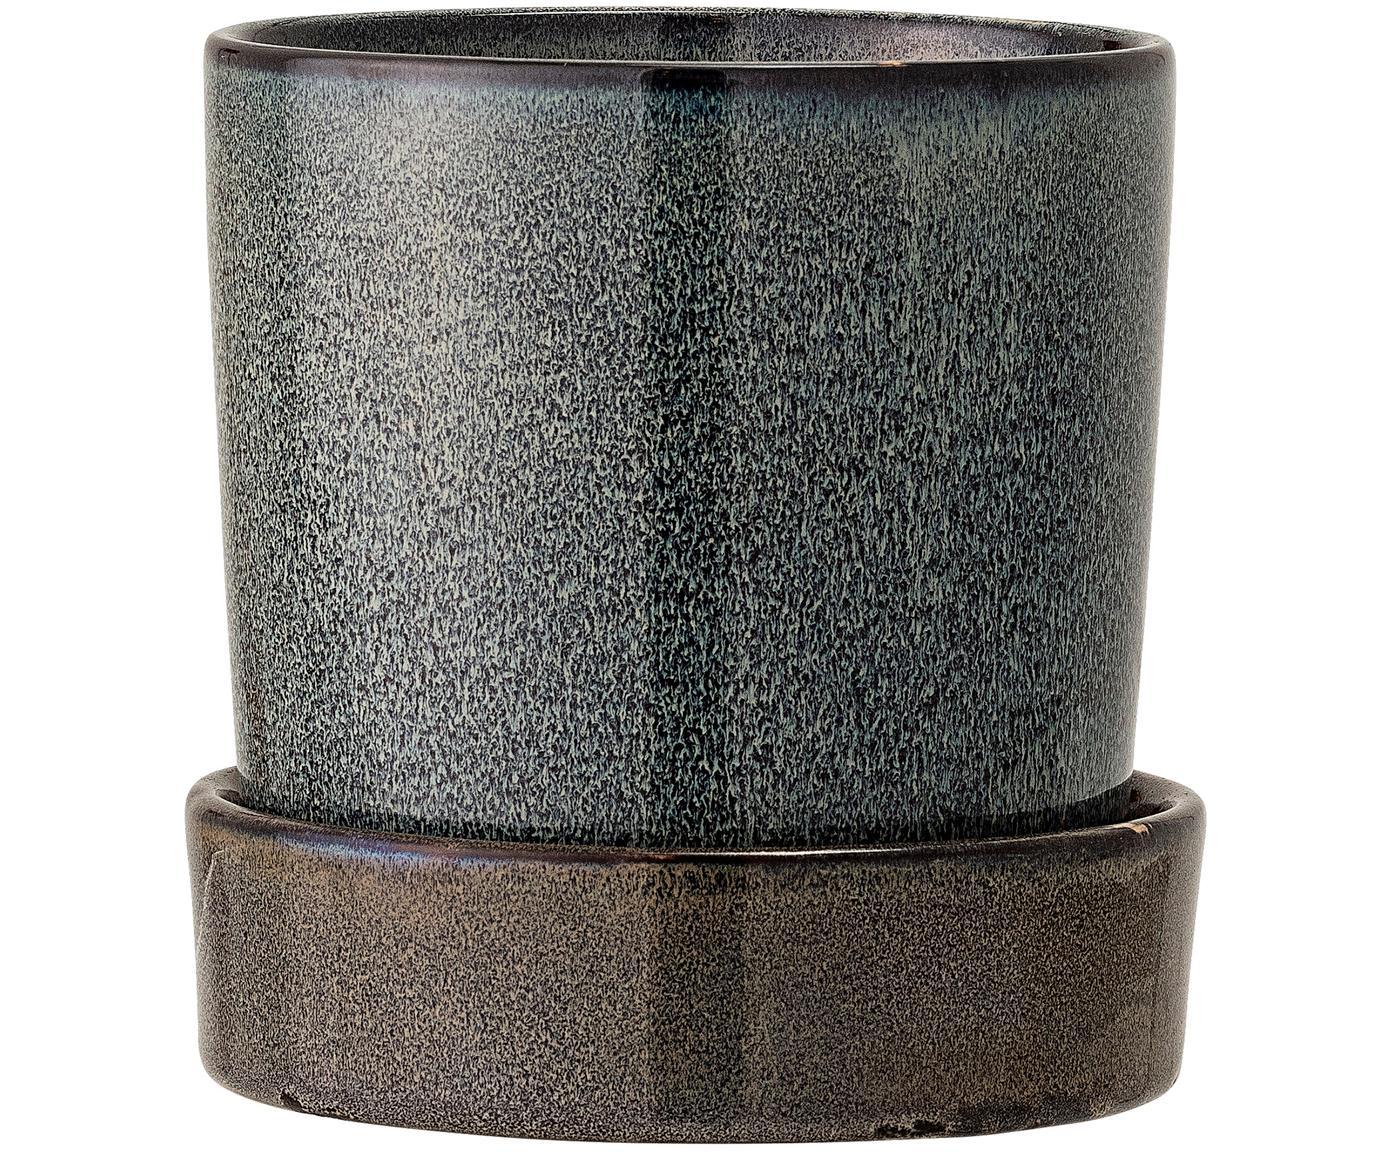 Ręcznie wykonana doniczka Chiara, Kamionka, Brązowy, antracytowy, Ø 14 x W 14 cm